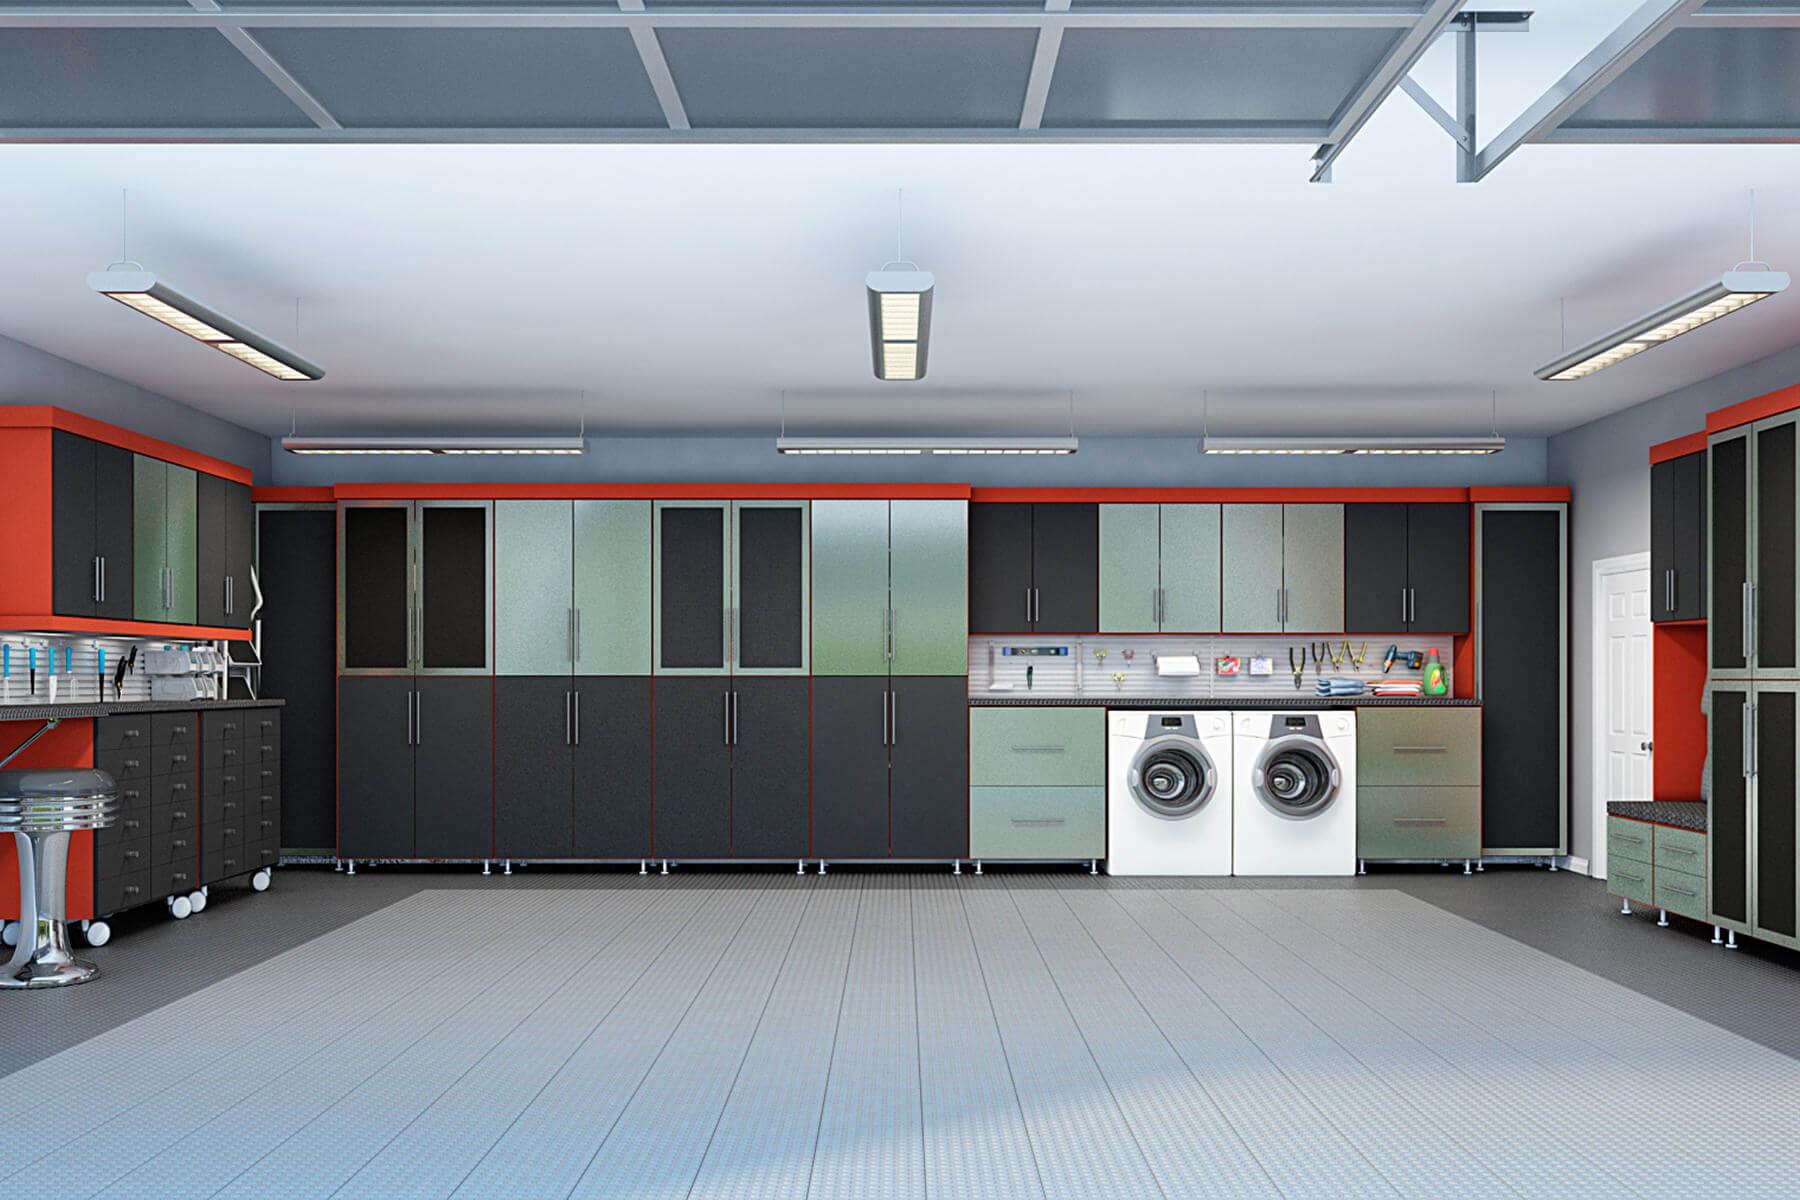 29 Garage Storage Ideas (Plus 3 Garage Man Caves) on Garage Colors Ideas  id=15301